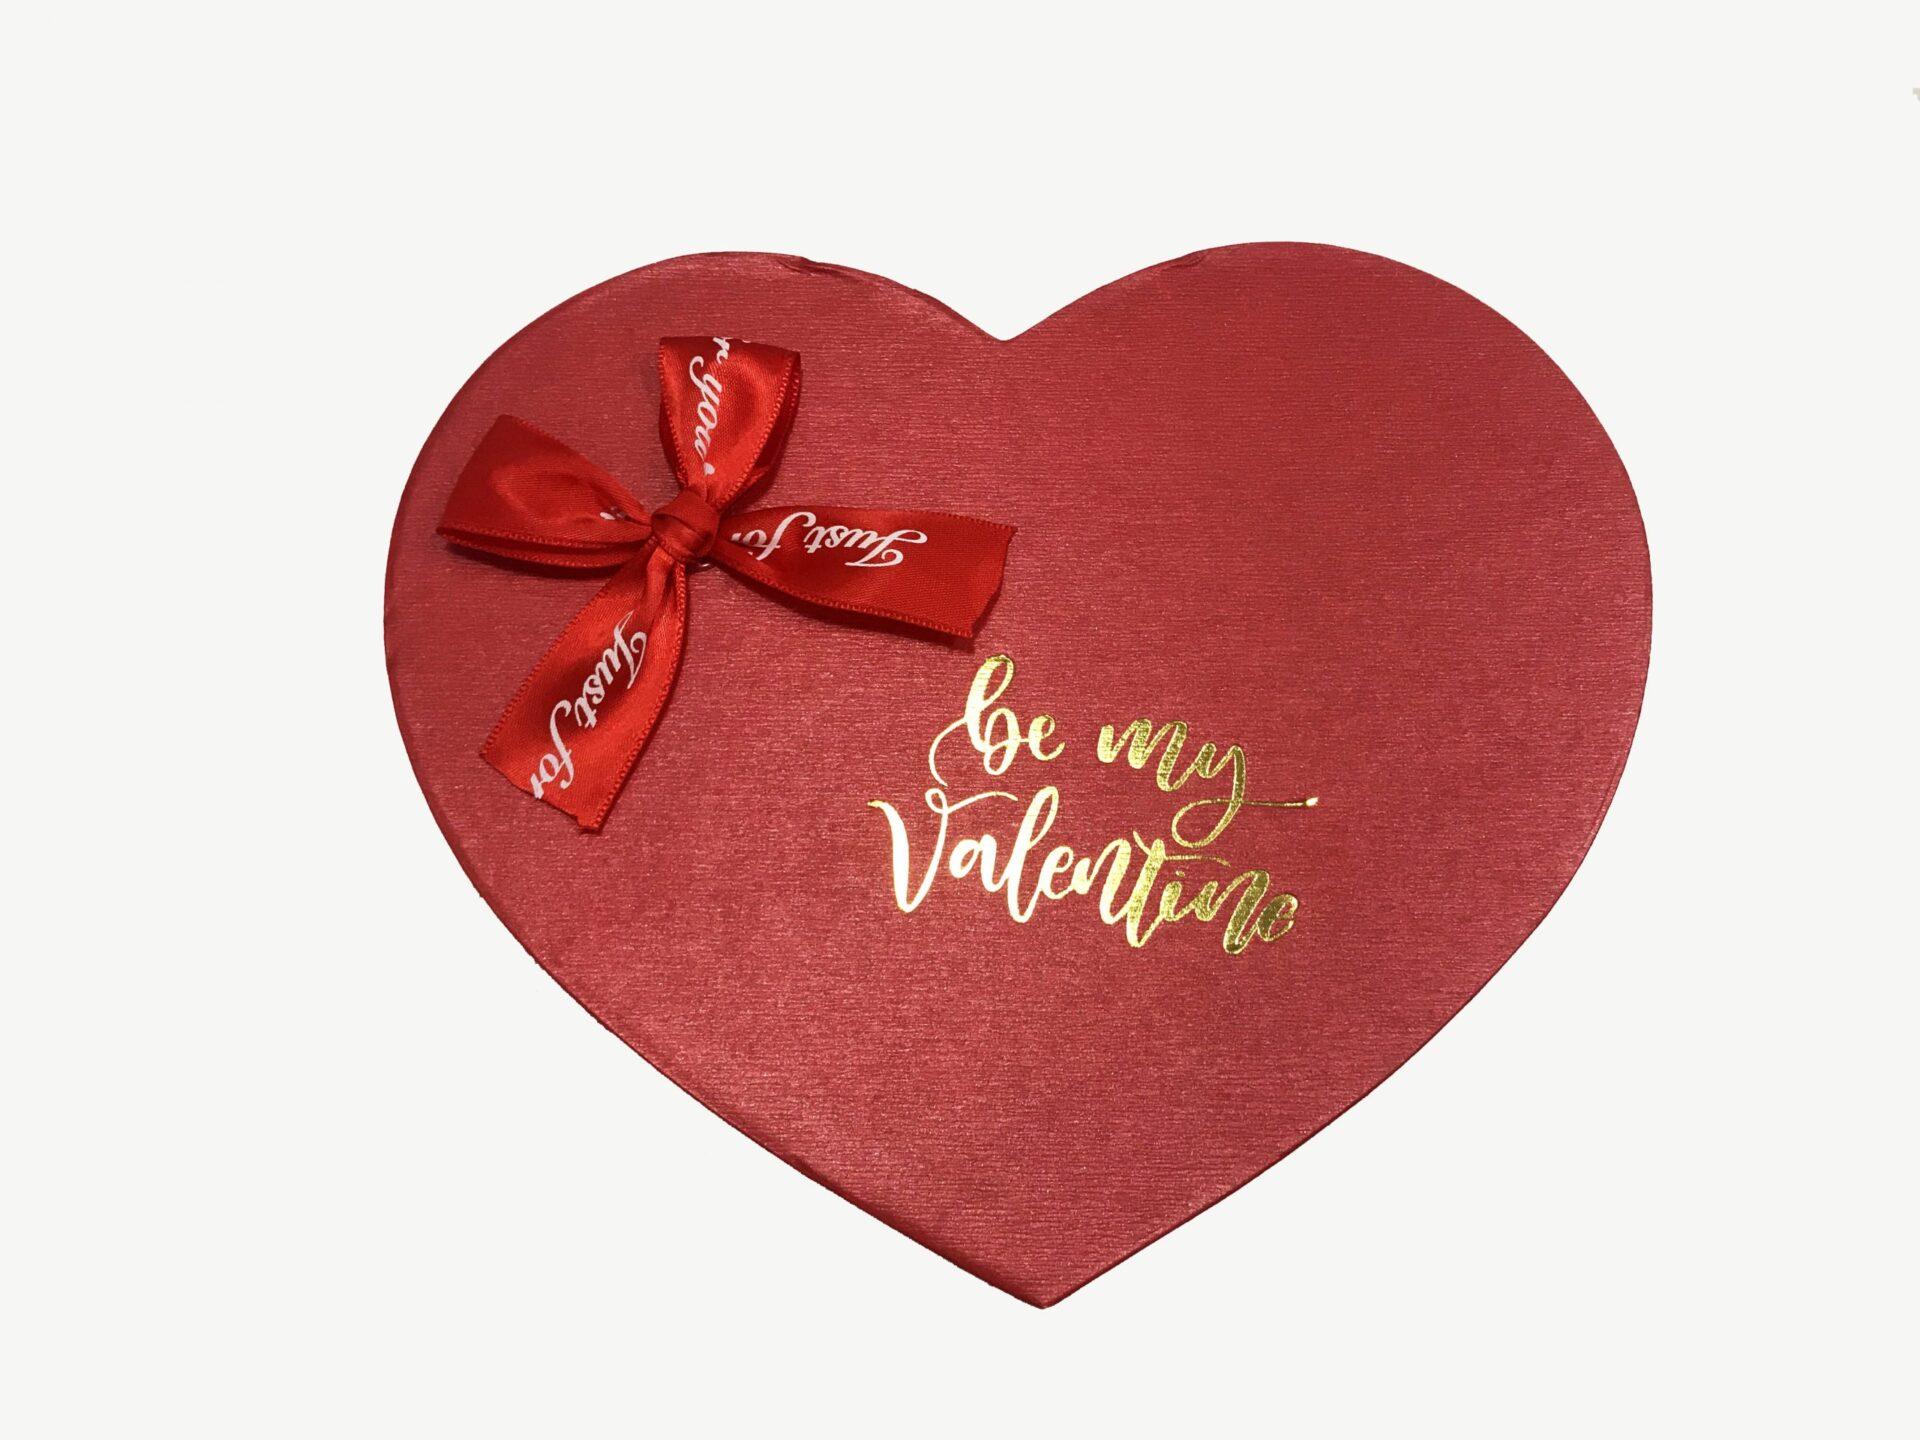 socola-valentine-18-vien-no-do